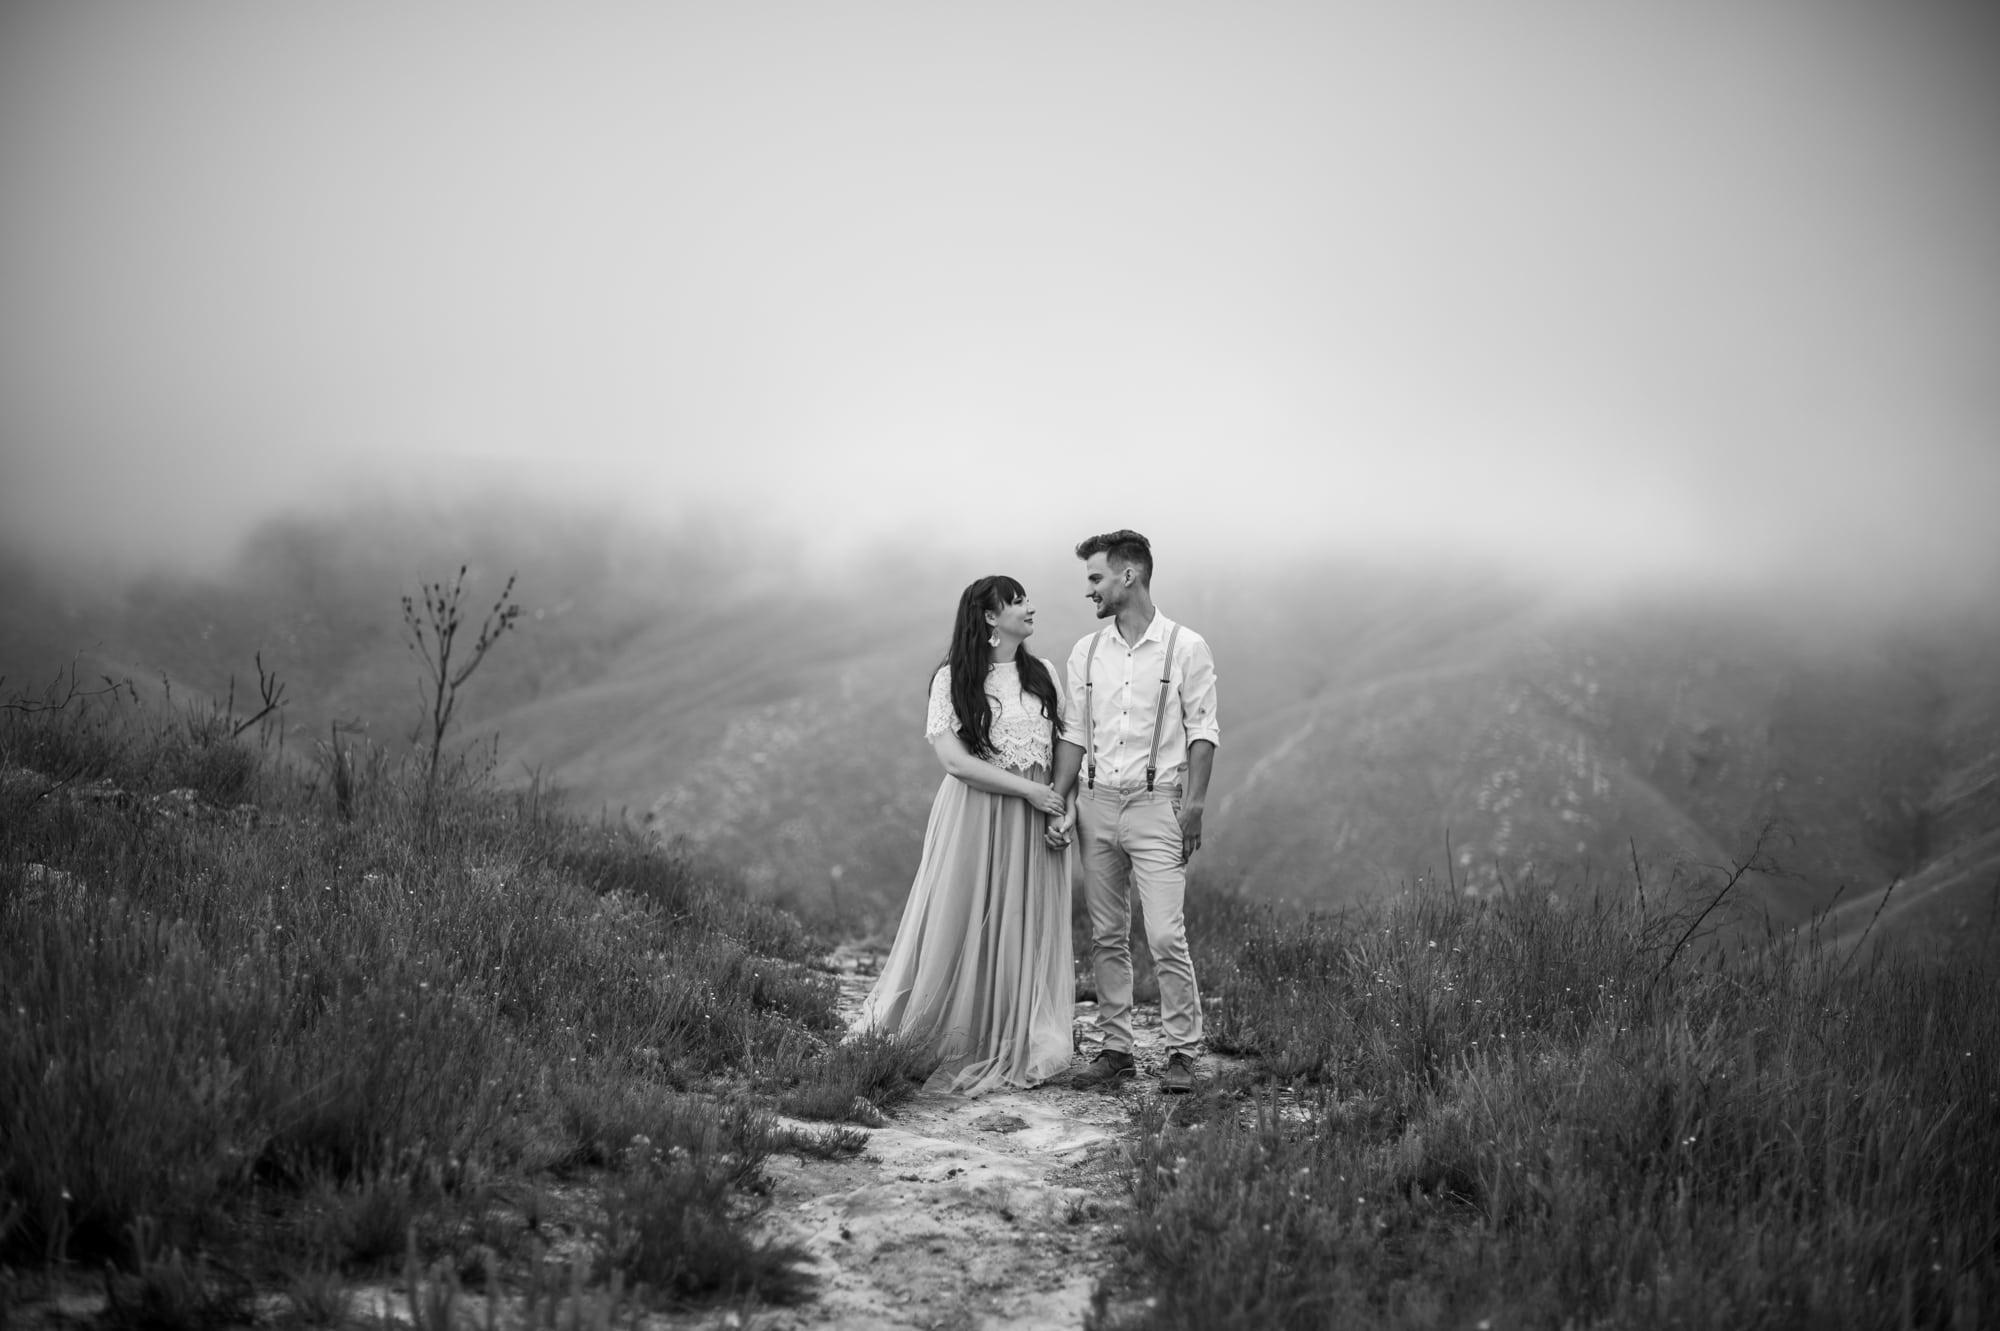 C+V-Engagement-Session-June-Richards-Photography-Destination-Weddings-Elopements-Garden-Route-20